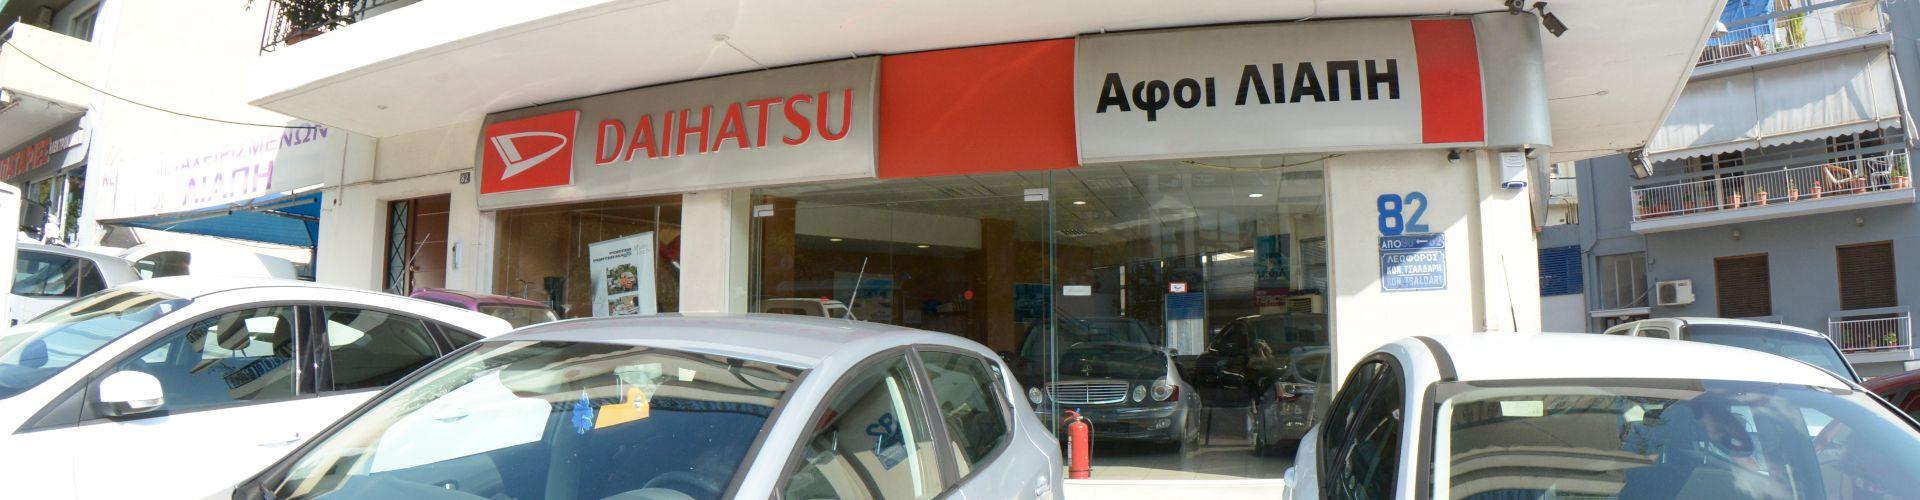 Εξουσιοδοτημένο Συνεργείο Daihatsu - ΑΦΟΙ Λιάπη